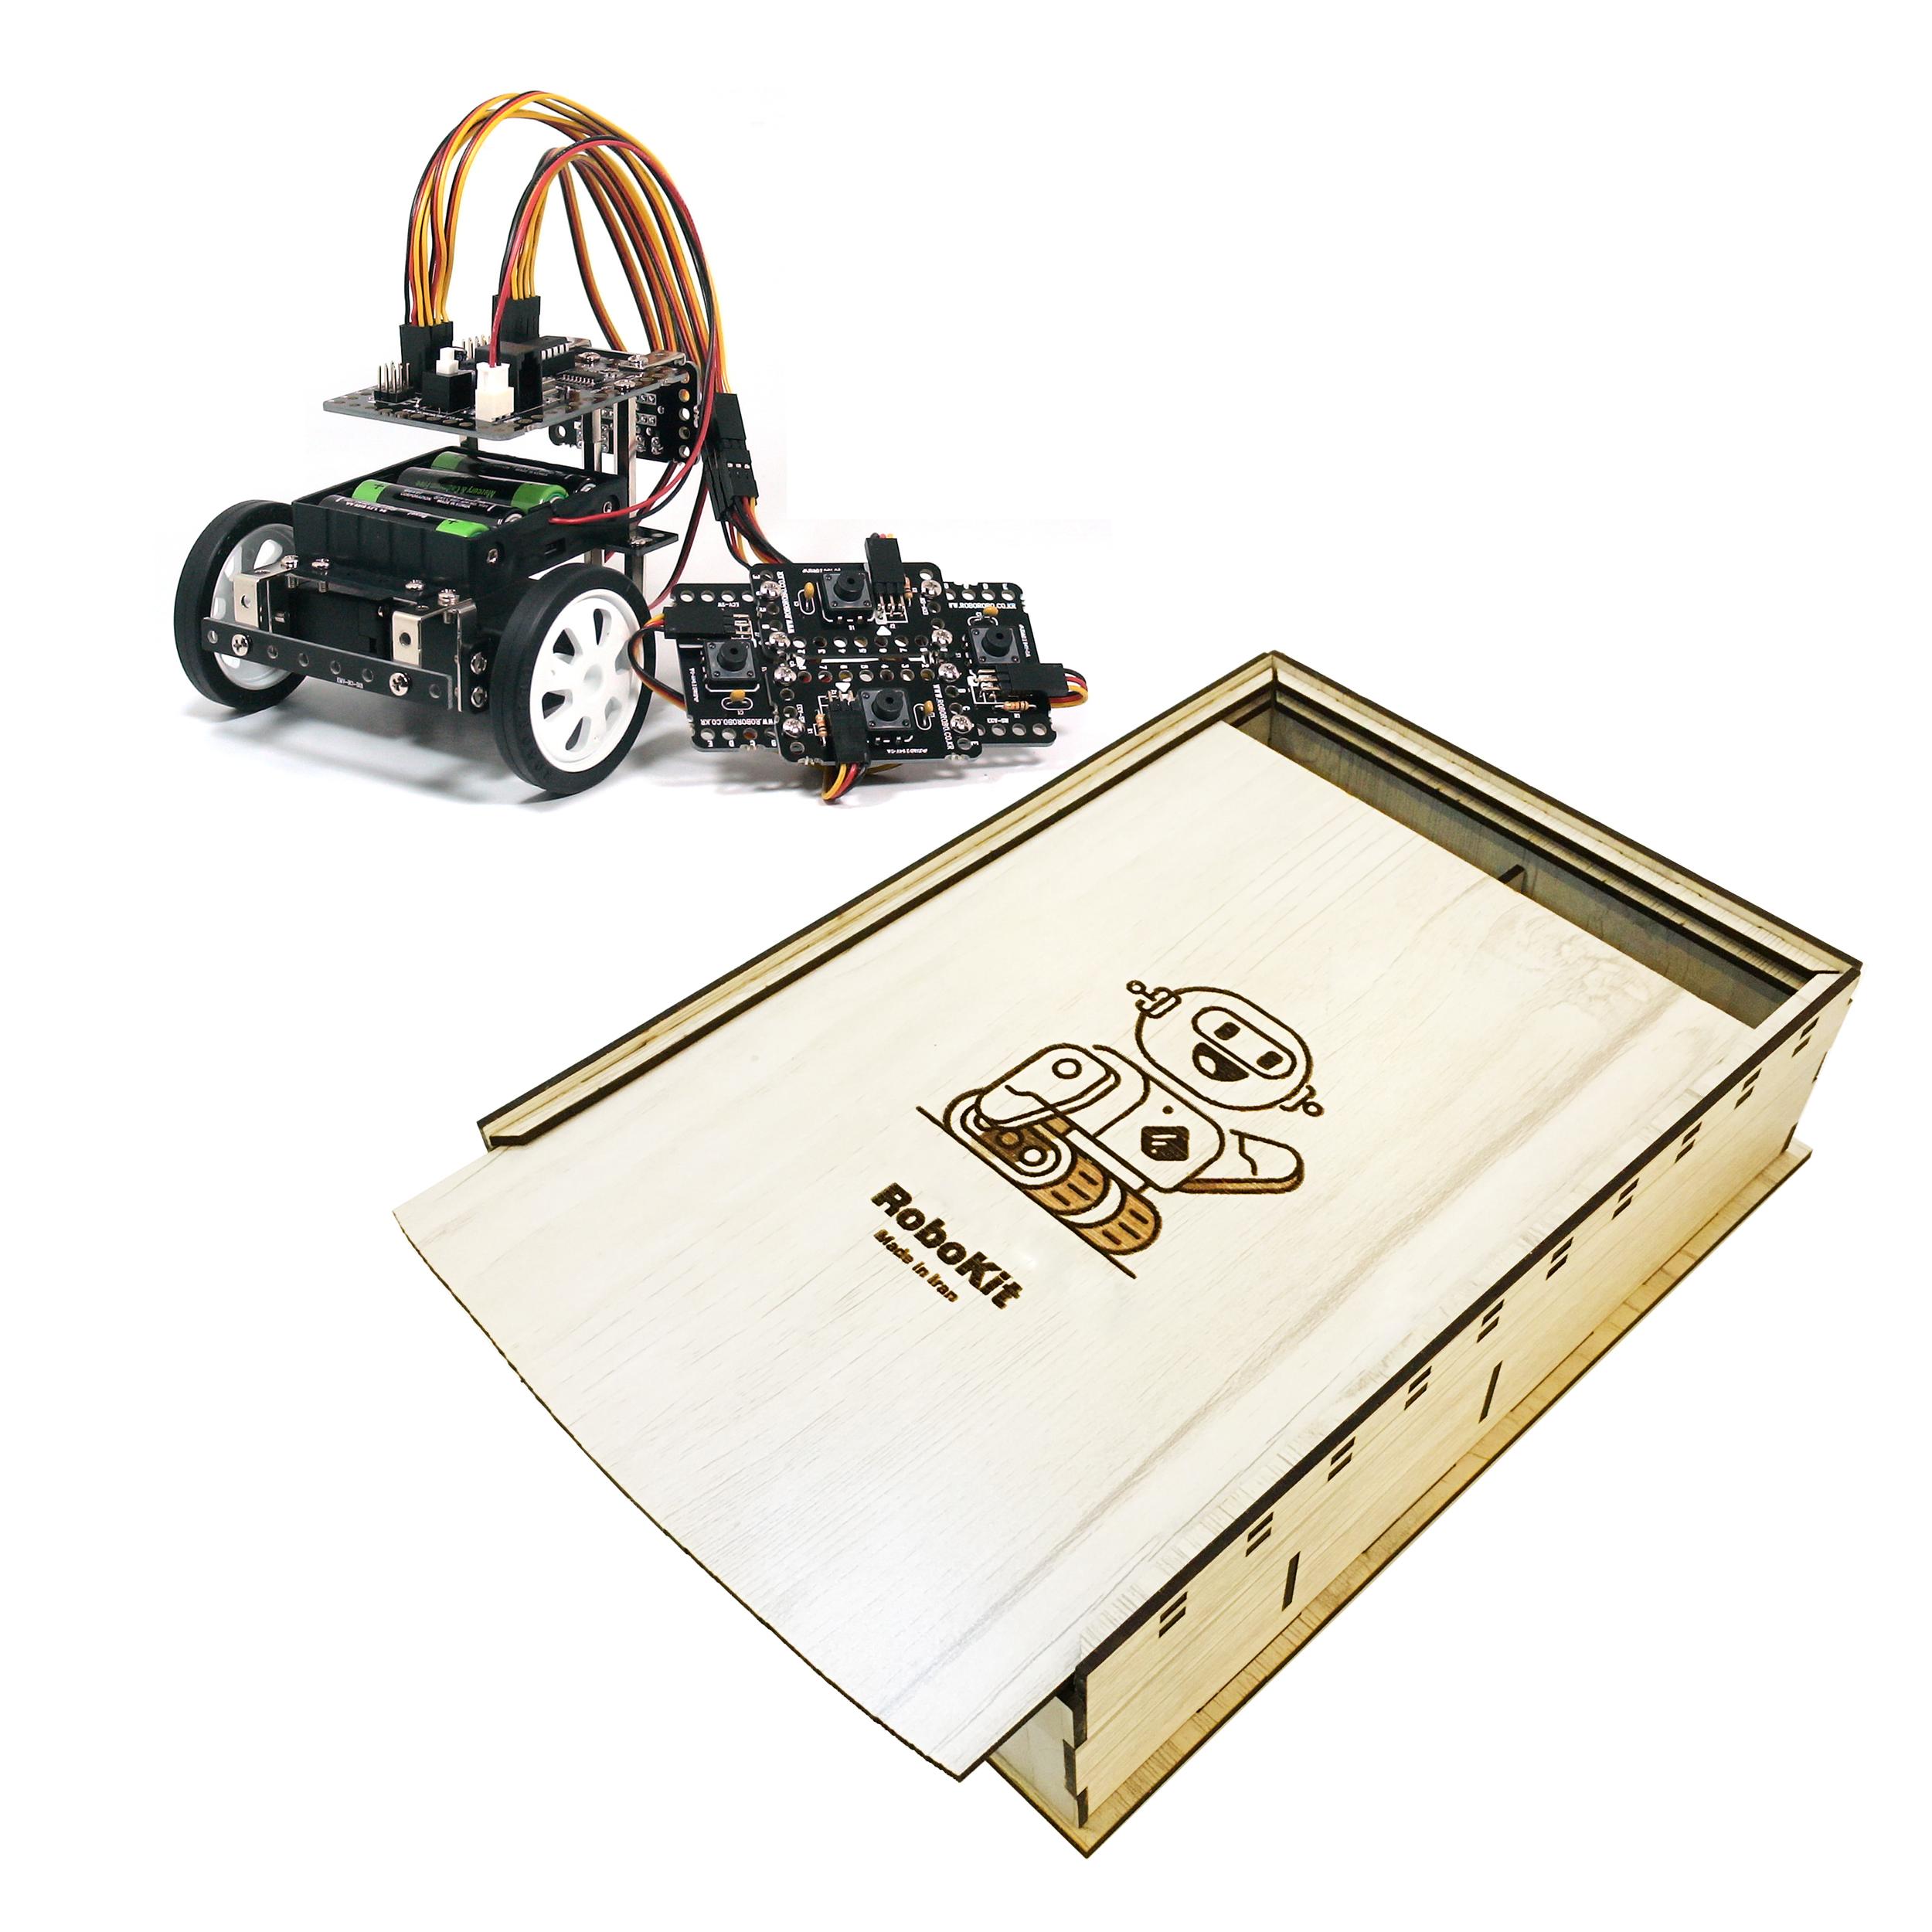 بسته آموزشی رباتیک مدل Robokit